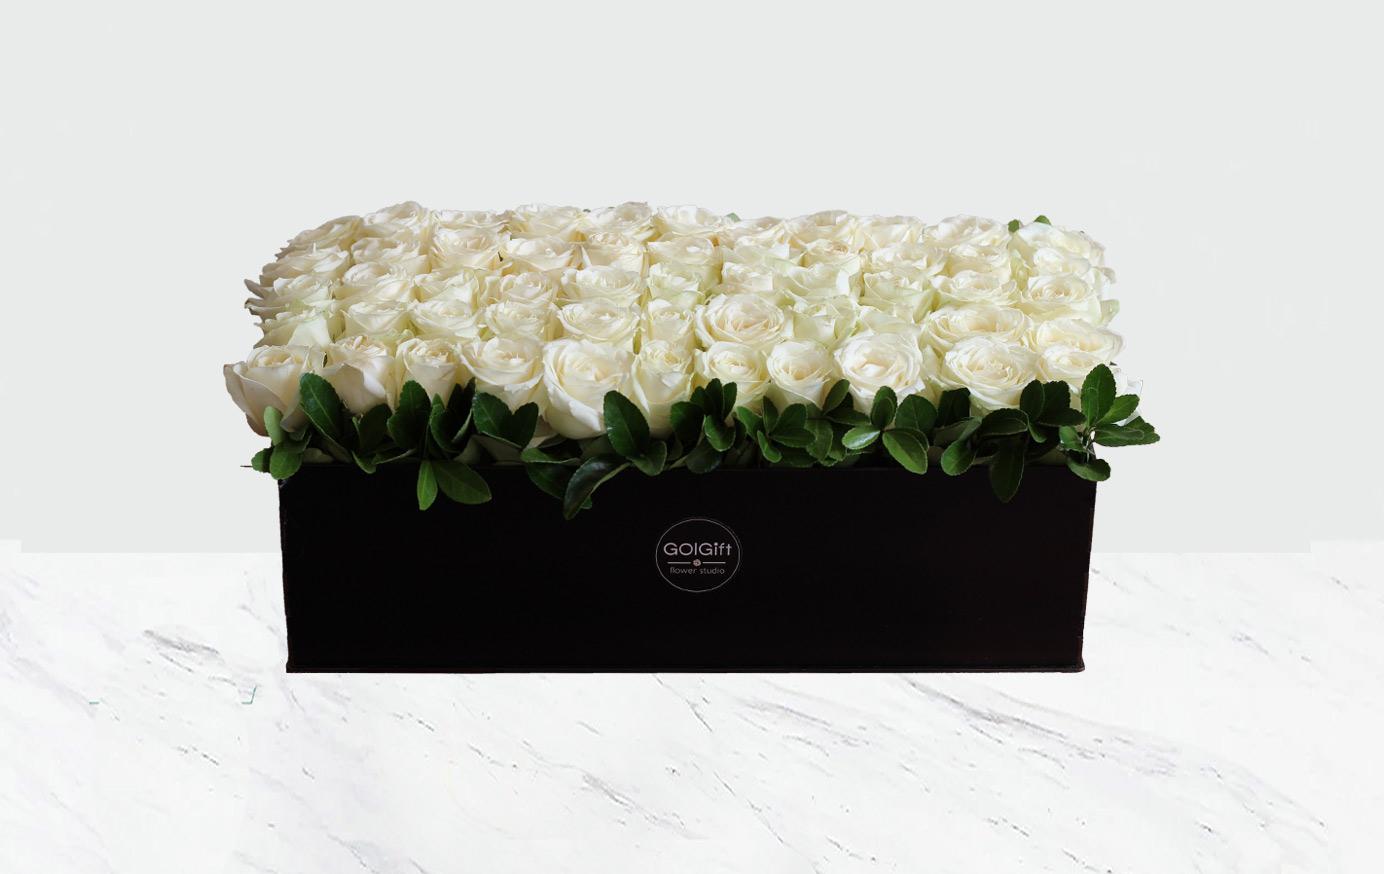 50 شاخه رز سفید